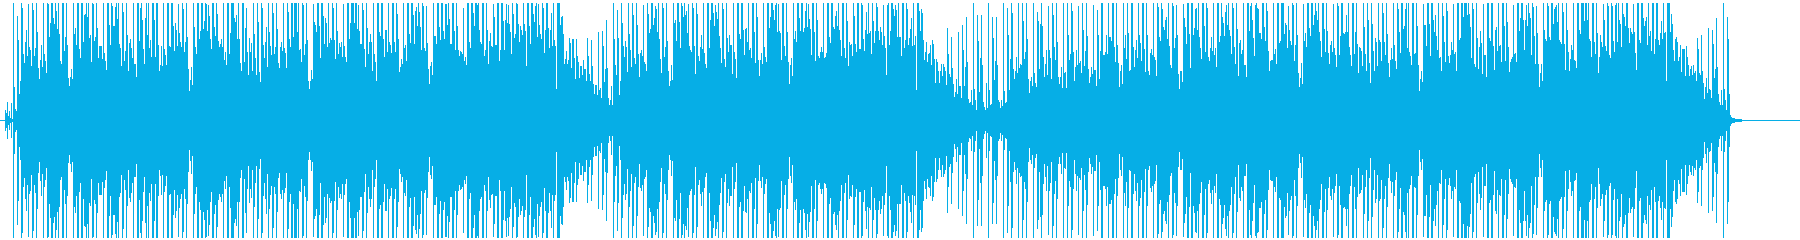 穏やかなジャジー・ヒップホップの再生済みの波形